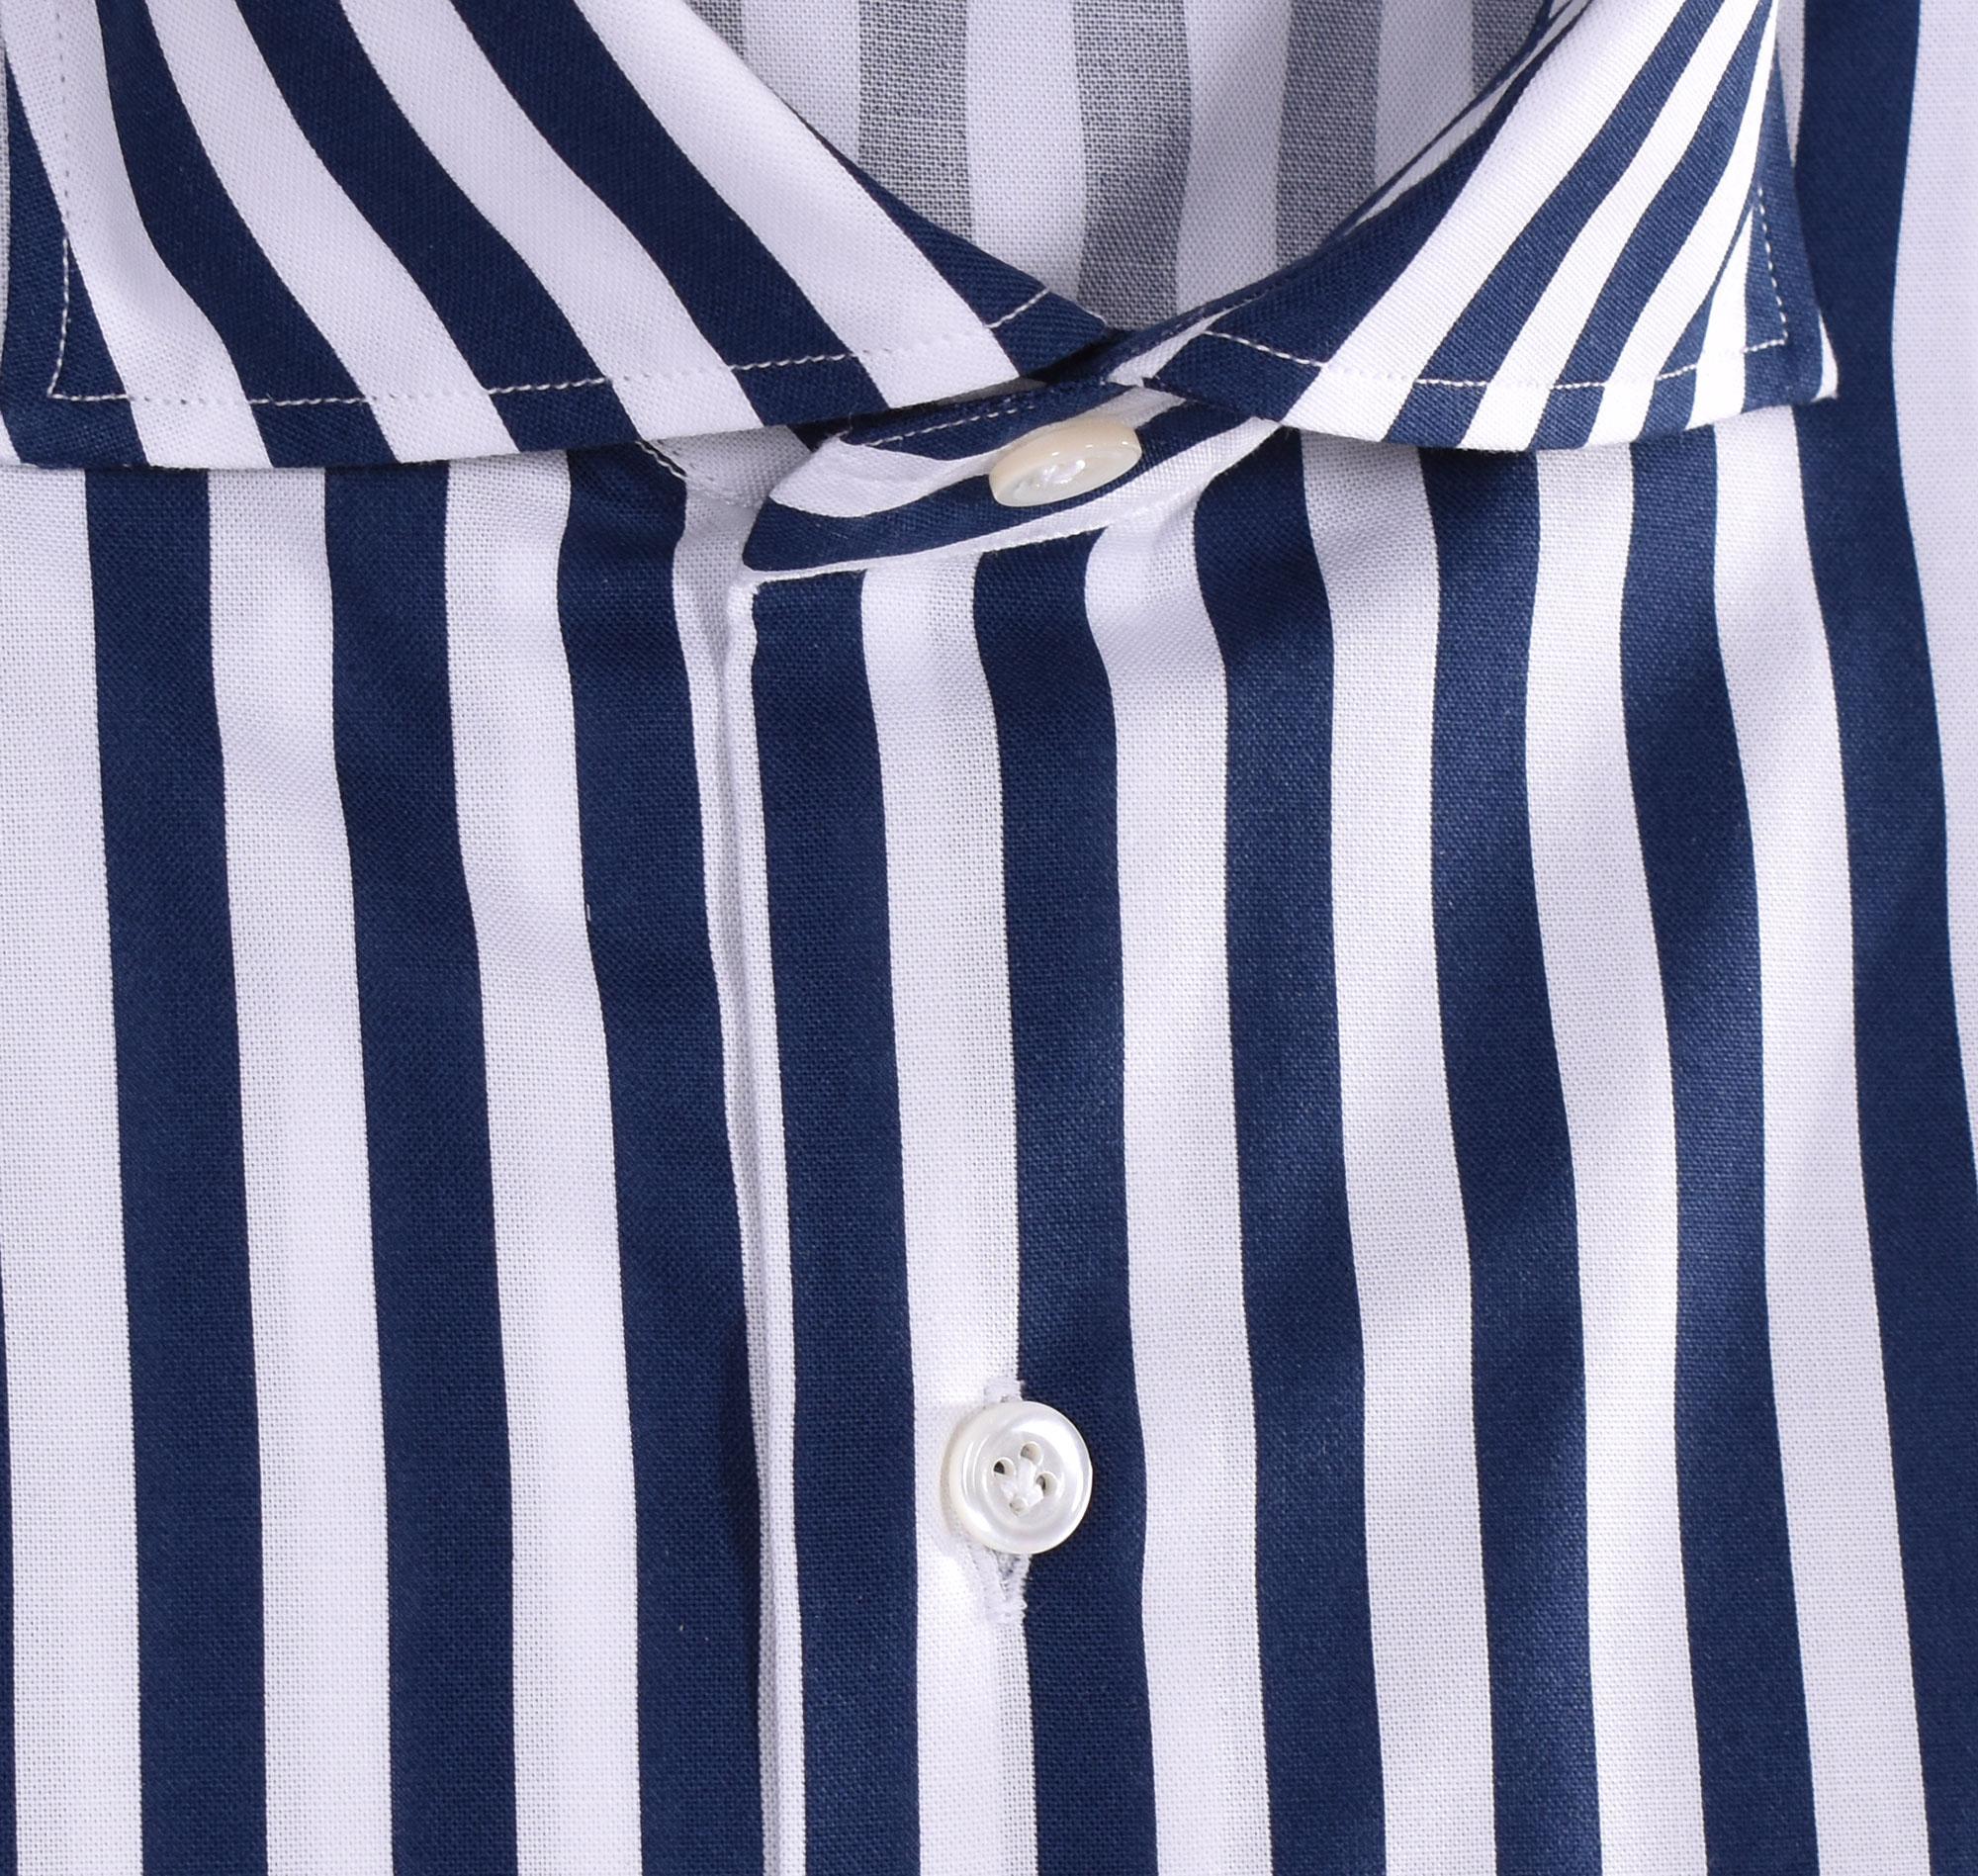 Sannino striped dark blue and white shirt SANNINO | M21501